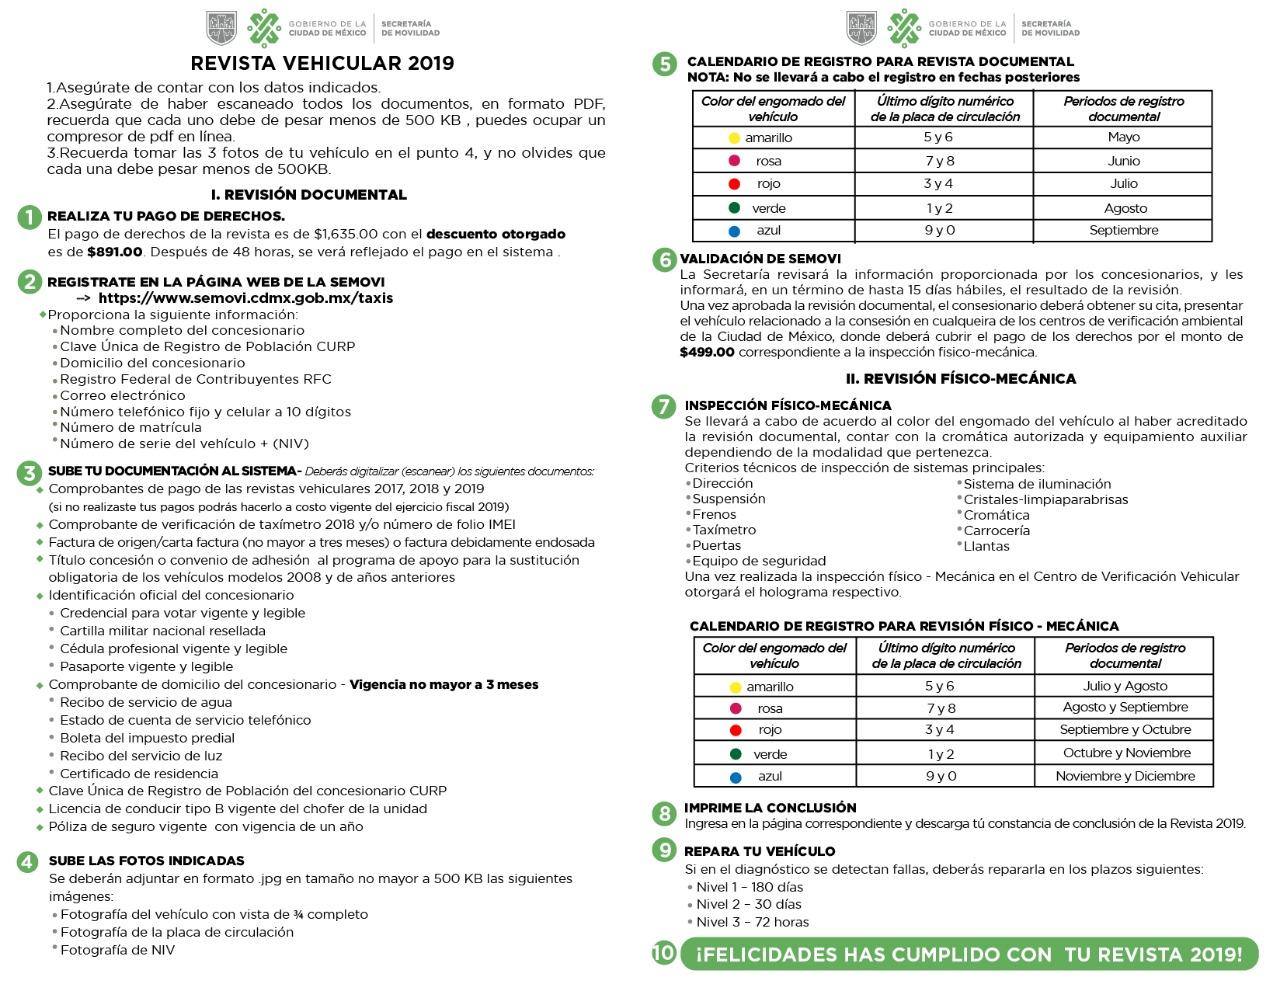 Calendario De Verificacion Fisico Mecanica 2019.Revista